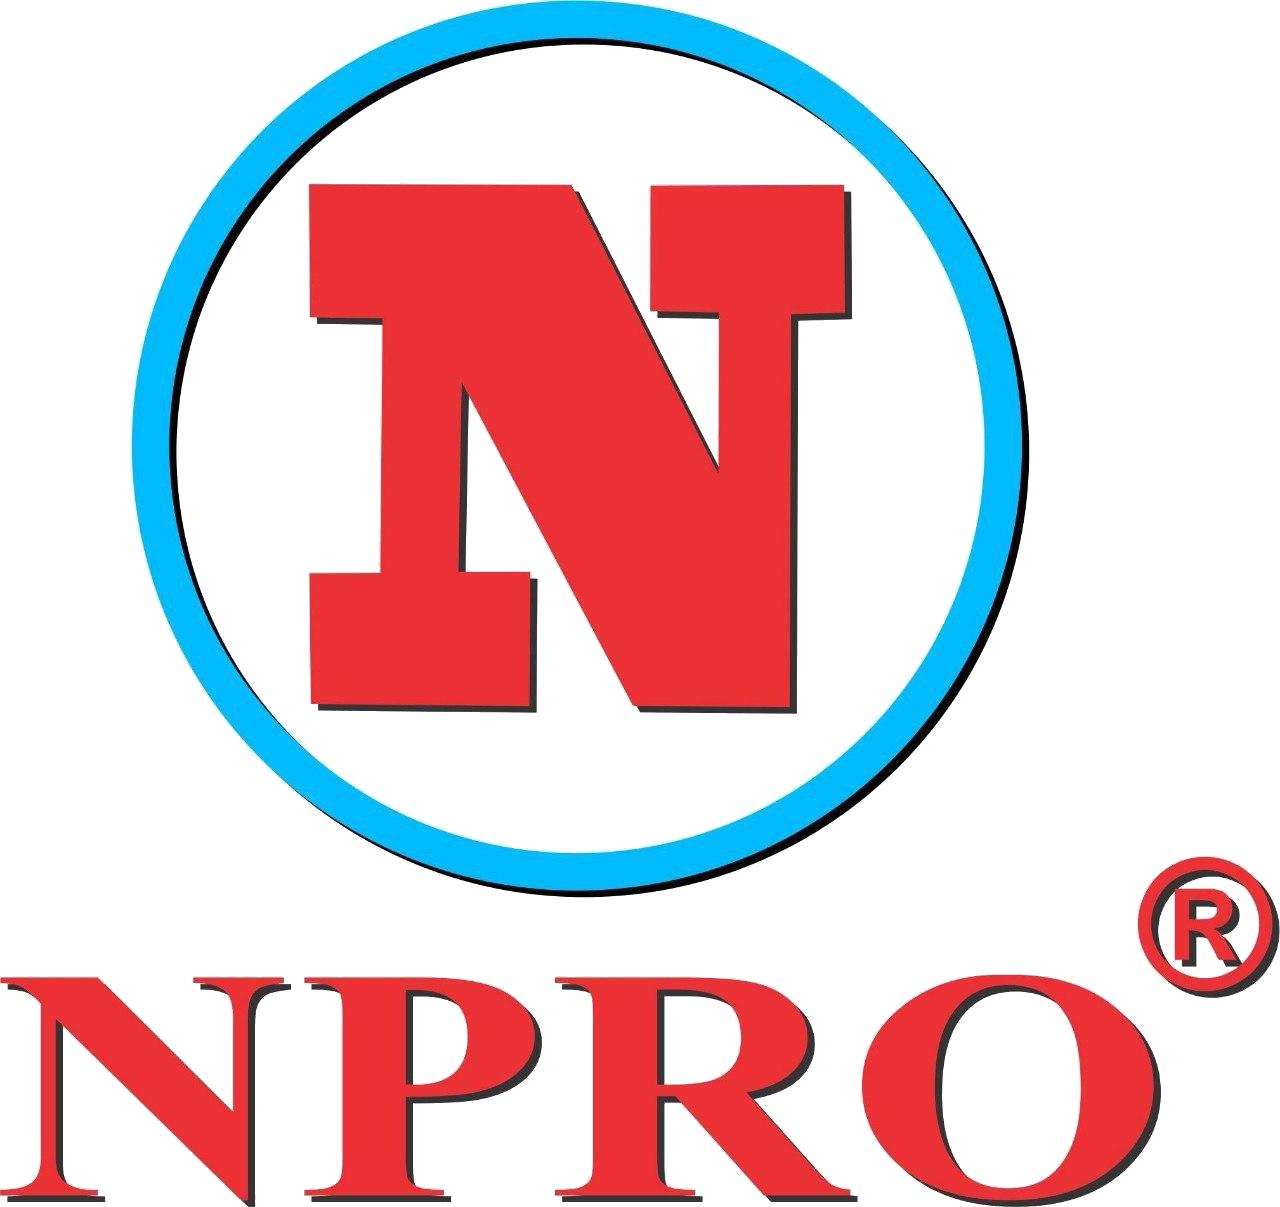 TỦ ĐỒ NGHỀ, XE ĐẨY NPRO, BÀN NGUỘI CƠ KHÍ